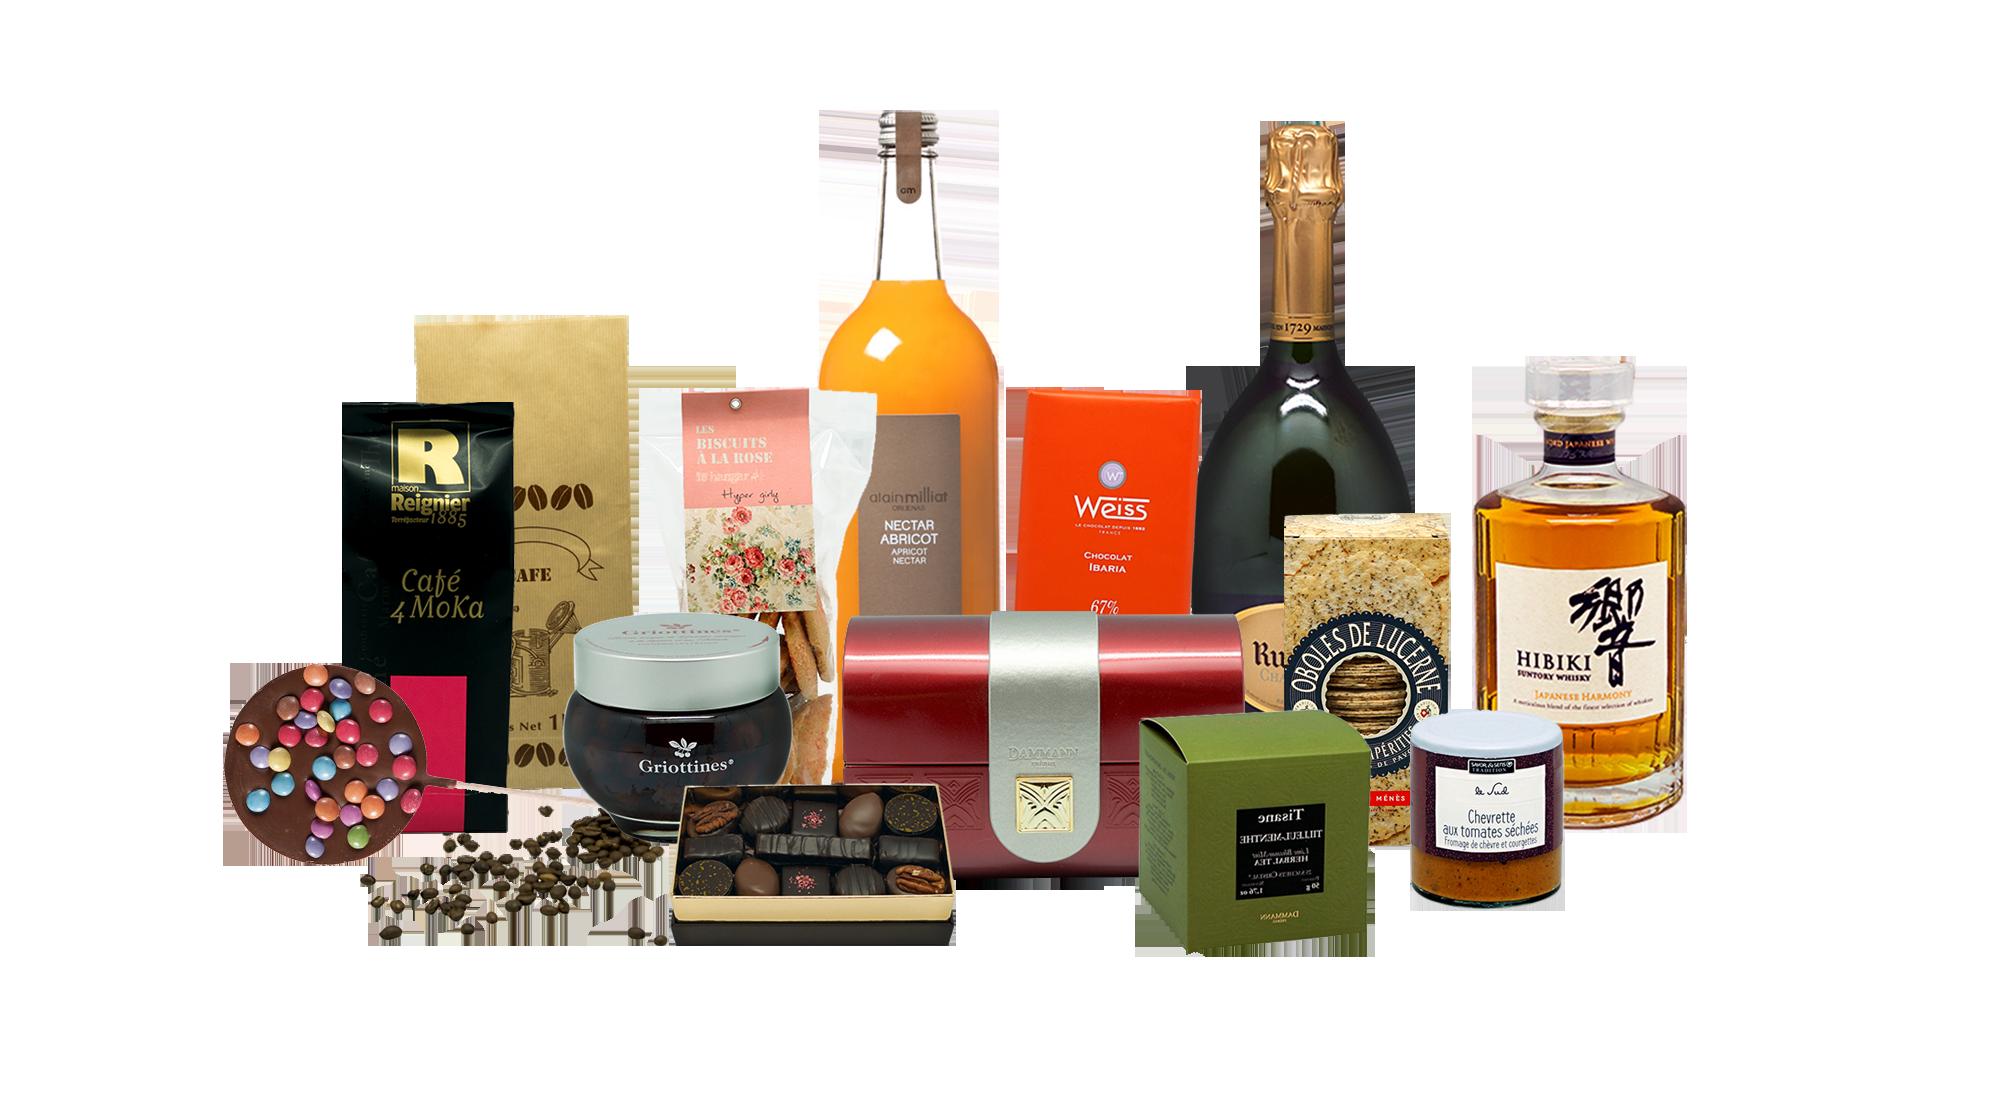 Découvrir les excellents produits de l'épicerie fine Maison Reignier au Mans en Sarthe 72